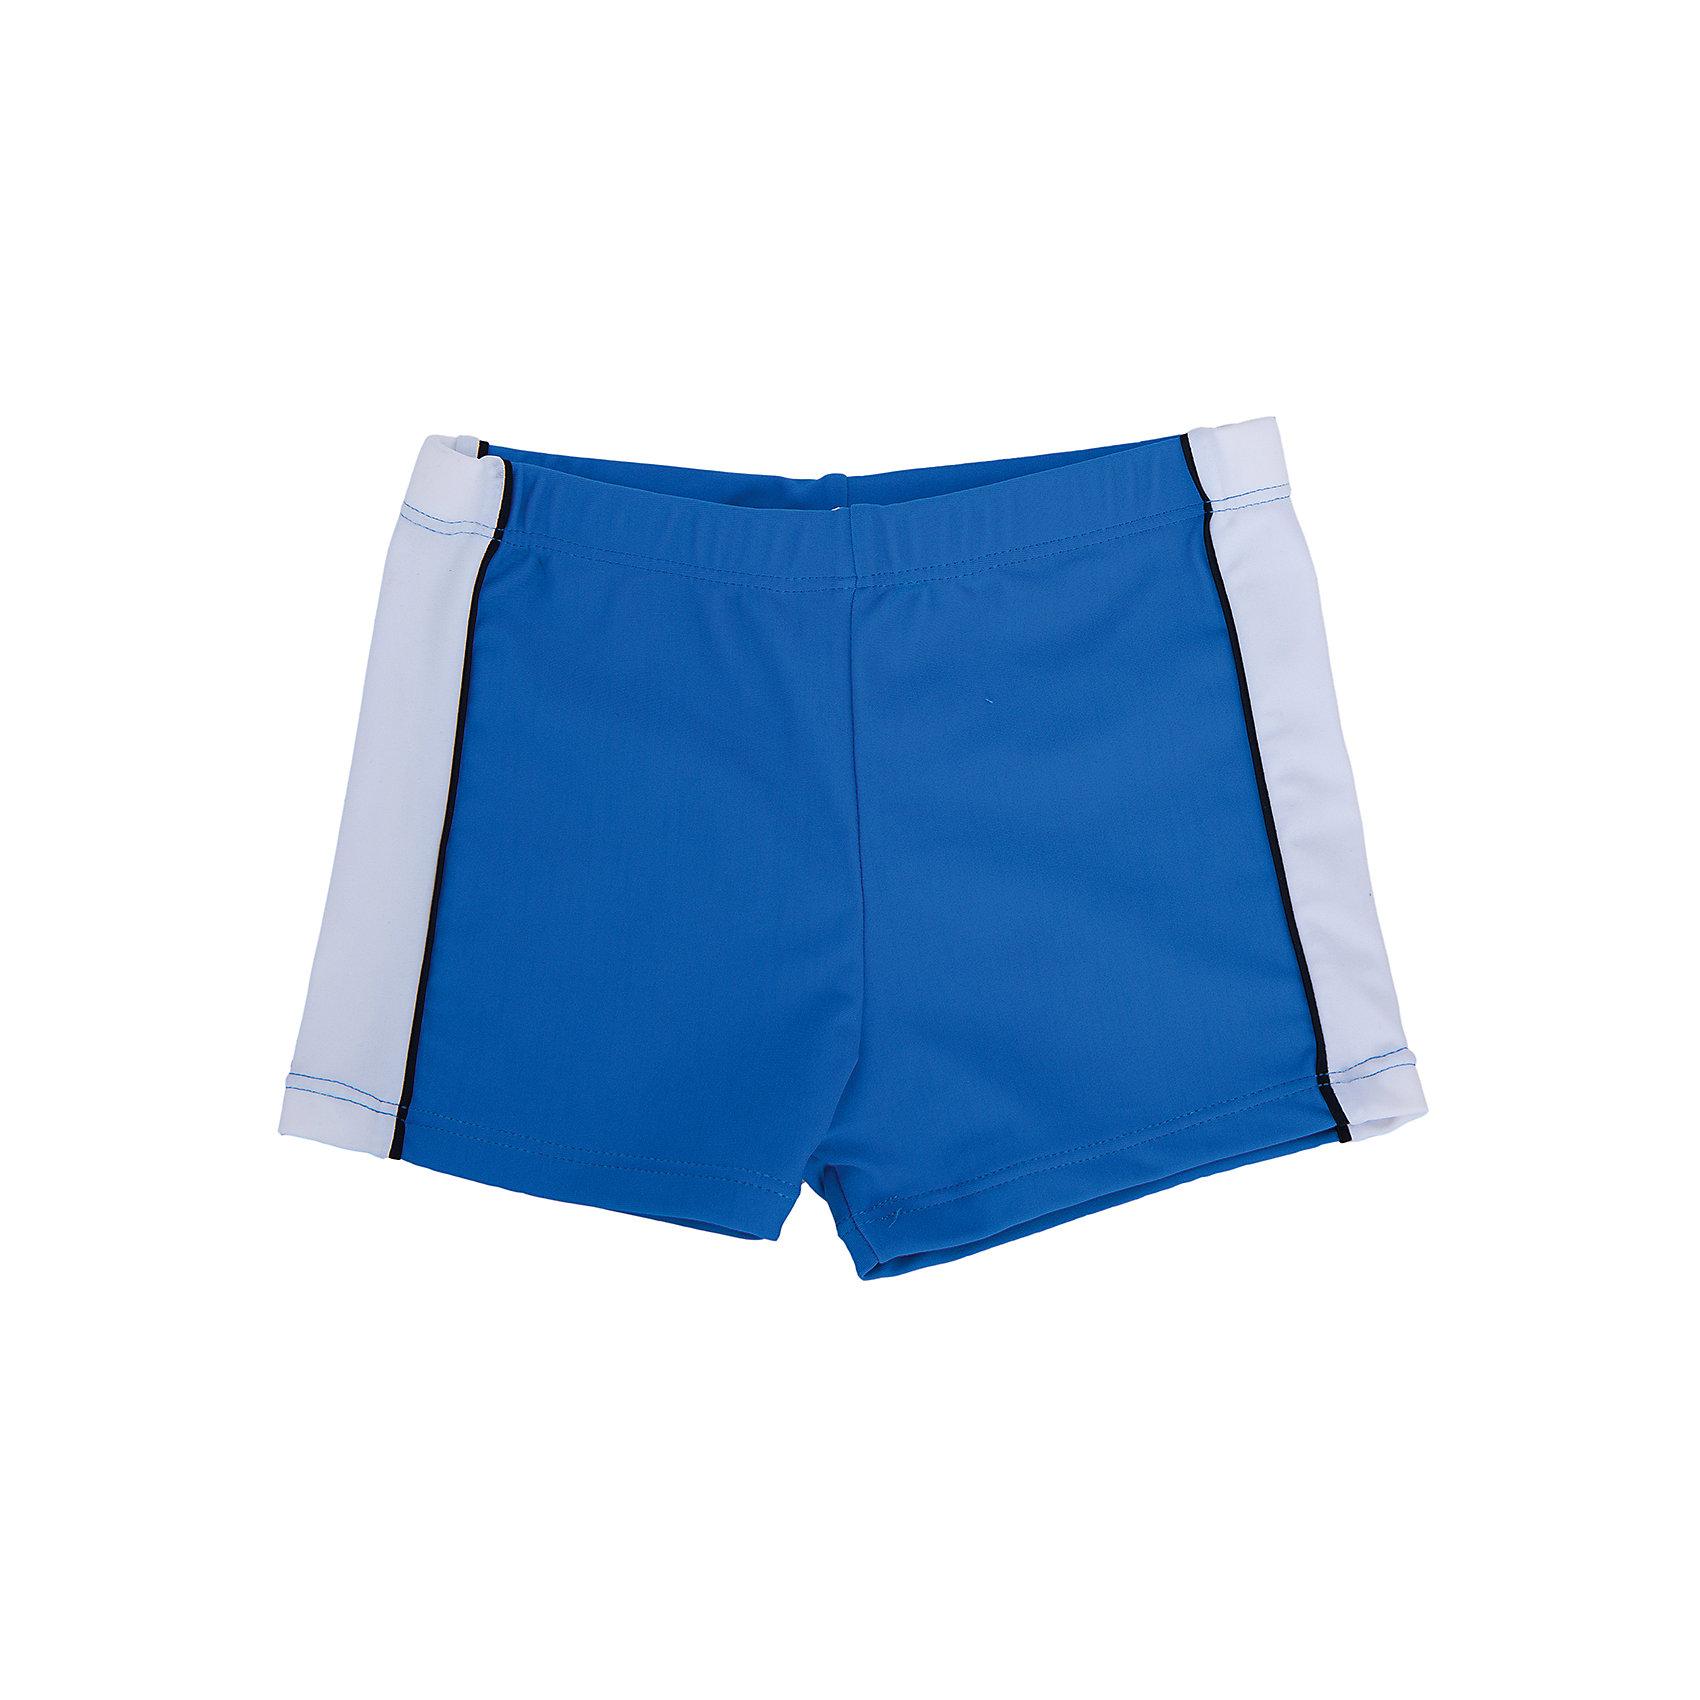 Плавки для мальчика SELAПлавки для мальчика от известной марки SELА помогут обеспечить отличный пляжный отдых и разнообразить летний гардероб мальчика. Удобный крой и качественный материал обеспечат ребенку комфорт при ношении этой вещи. <br>Плавки сделаны из эластичного материала, который быстро сохнет. Изделие украшено принтом. Дизайн - стильный, цвет - актуальный для этого сезона.<br><br>Дополнительная информация:<br><br>материал:  82% нейлон, 18% эластан;<br>цвет: разноцветный;<br>быстросохнущая ткань;<br>уход за изделием: стирка в машине при температуре до 30°С, не отбеливать, гладить при низкой температуре.<br><br>Плавки для мальчика от бренда SELА (Села) можно купить в нашем магазине.<br><br>Ширина мм: 183<br>Глубина мм: 60<br>Высота мм: 135<br>Вес г: 119<br>Цвет: голубой<br>Возраст от месяцев: 84<br>Возраст до месяцев: 96<br>Пол: Мужской<br>Возраст: Детский<br>Размер: 128,92,152,140,116,104<br>SKU: 4741036